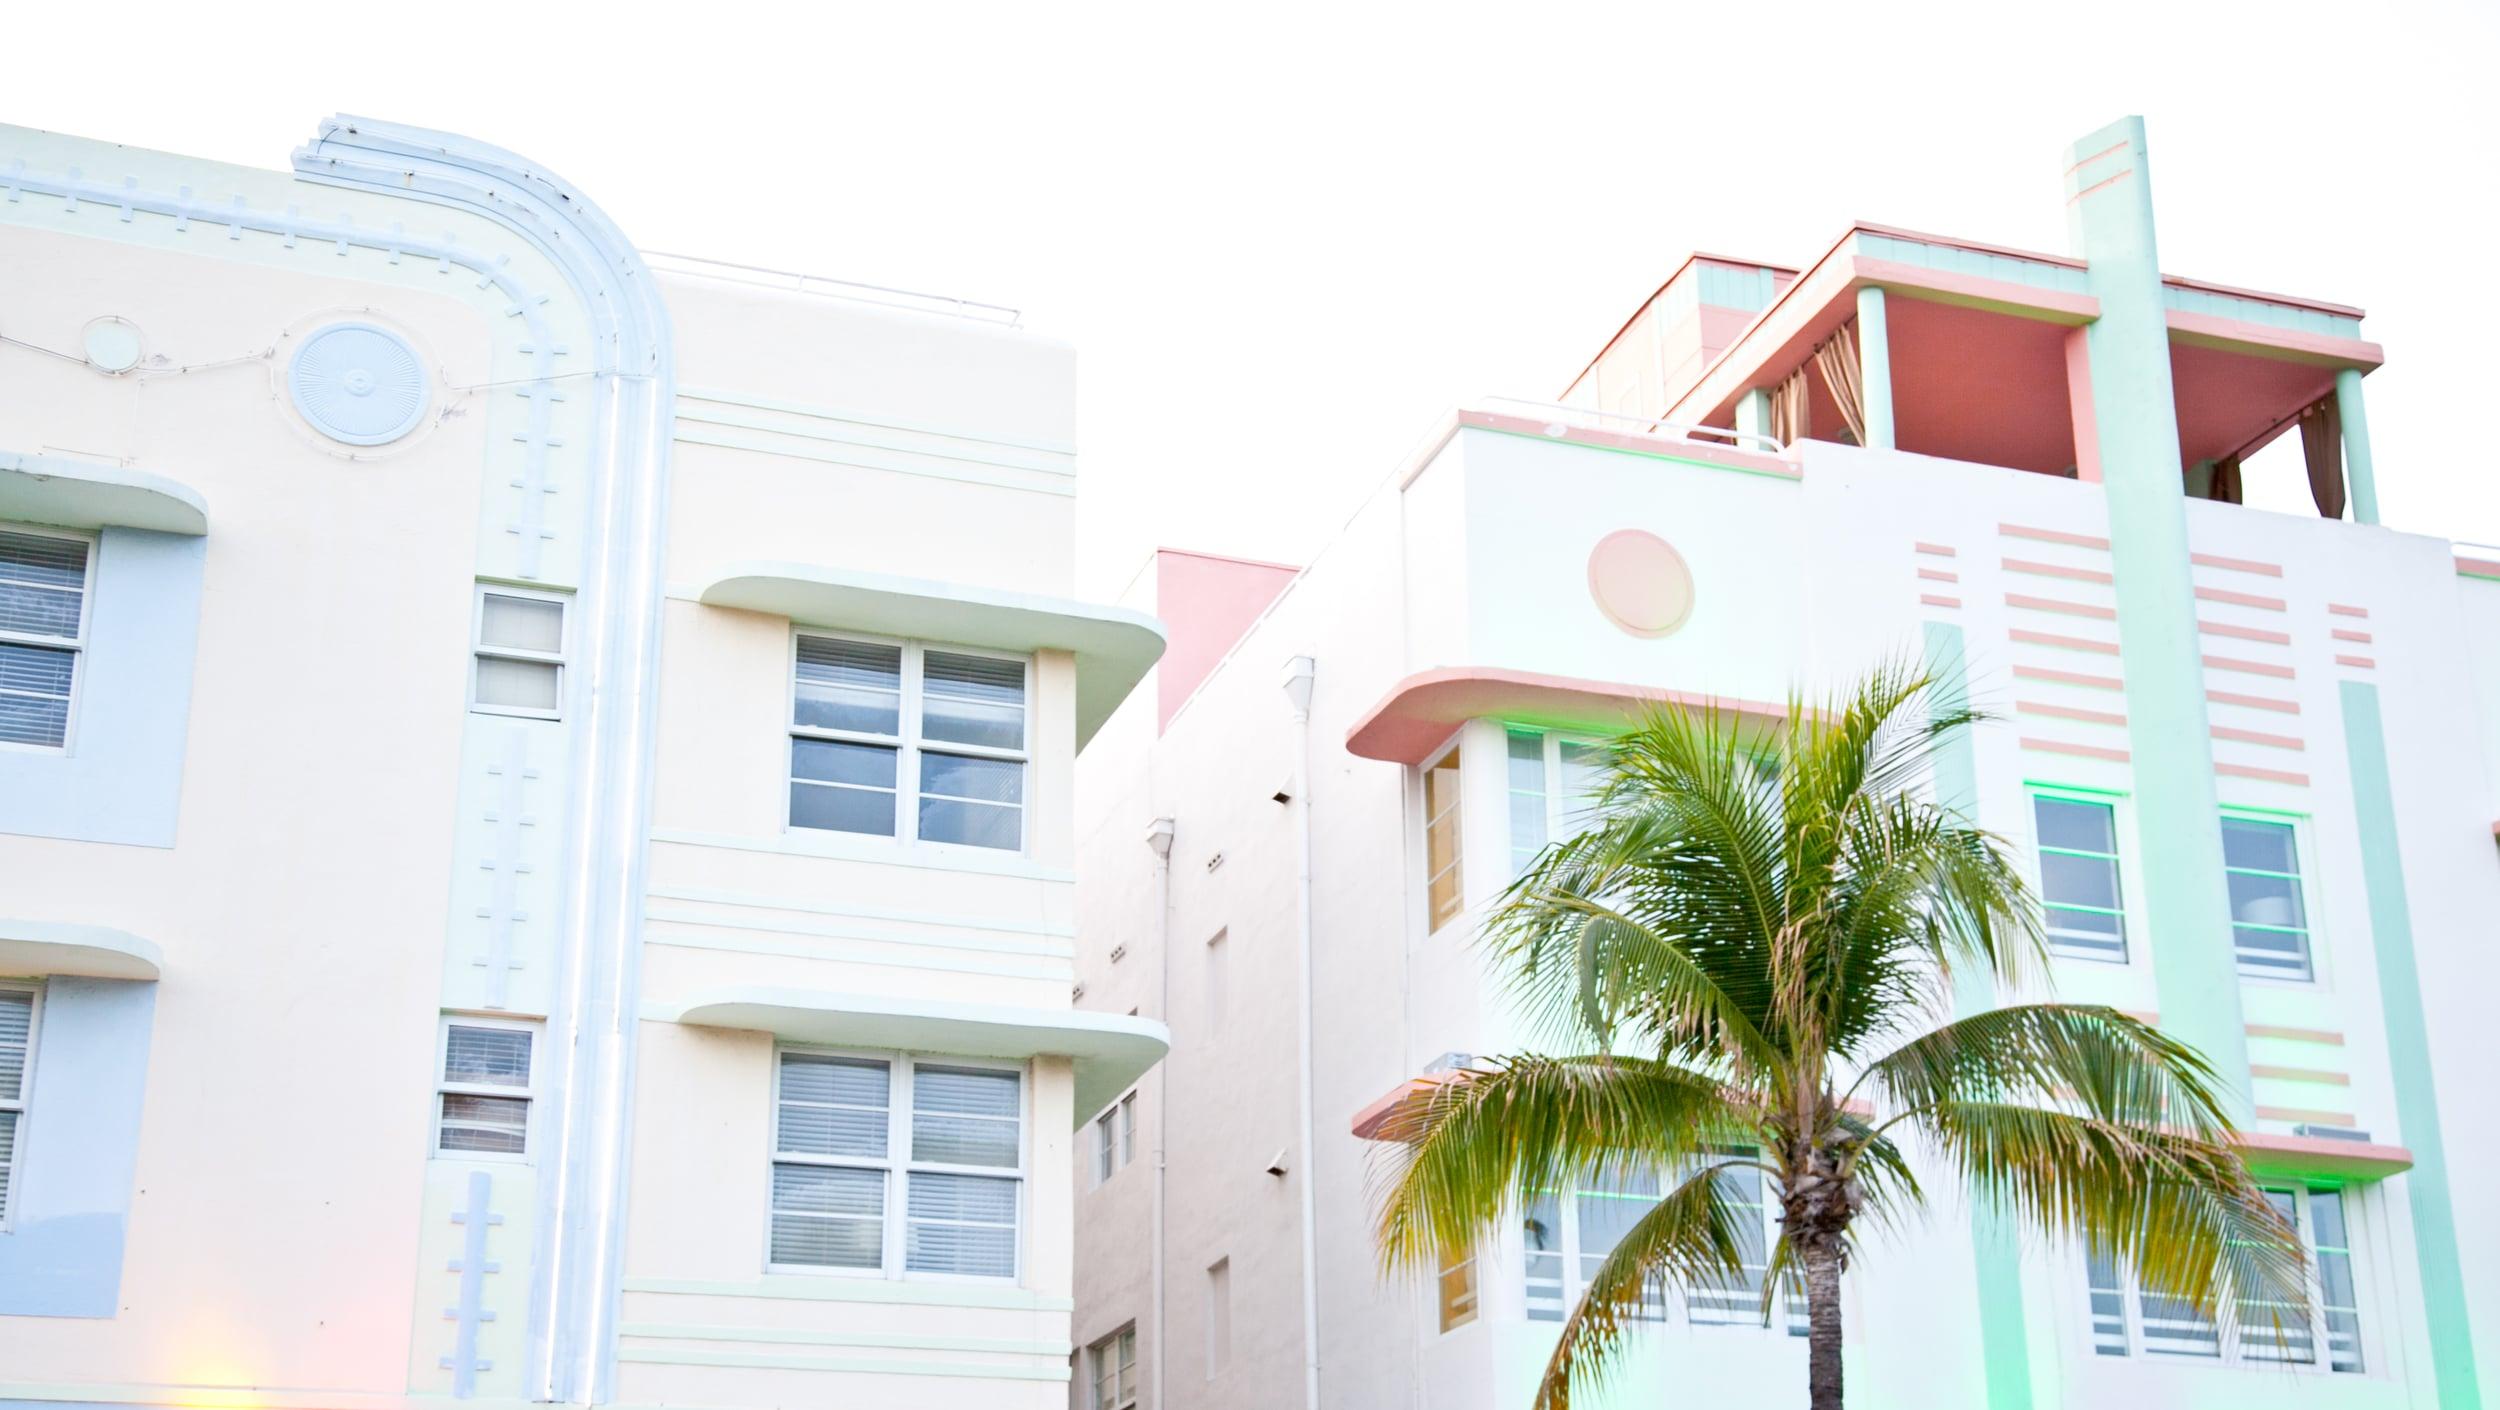 trisa-taro-ocean-drive-facades-miami.jpg